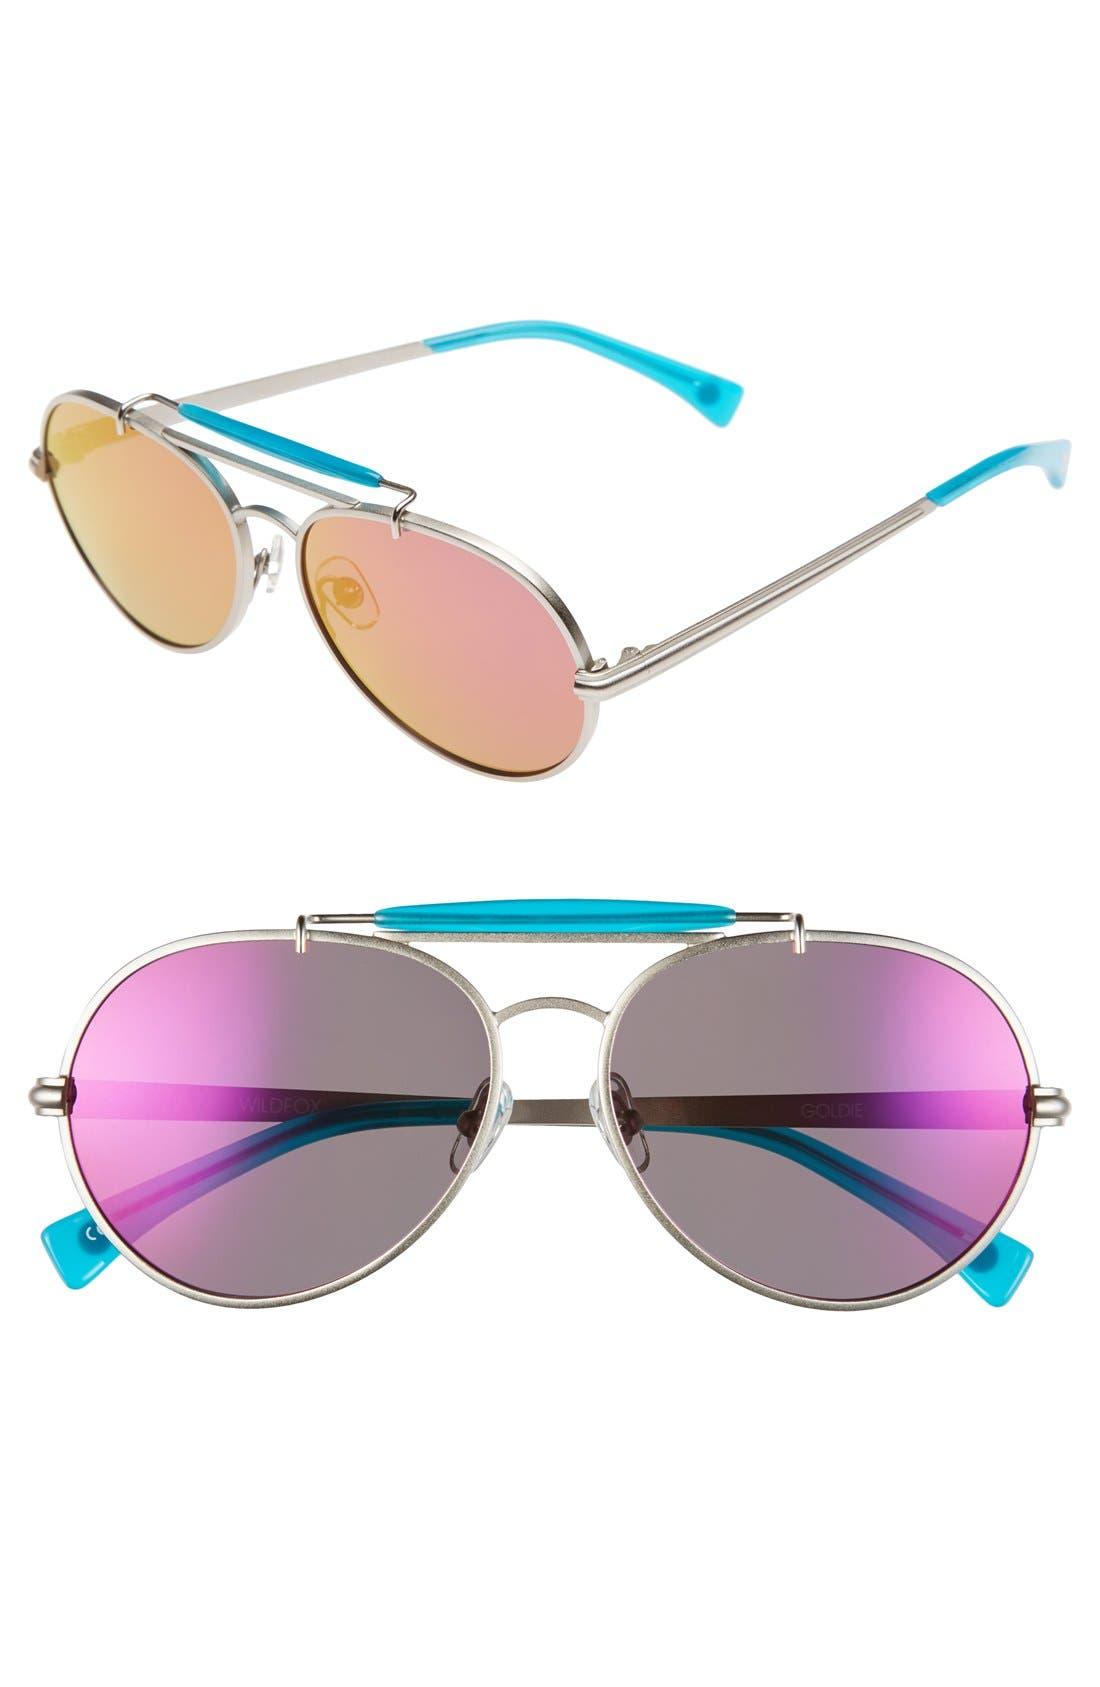 Main Image - Wildfox 'Goldie Deluxe' 55mm Mirrored Aviator Sunglasses